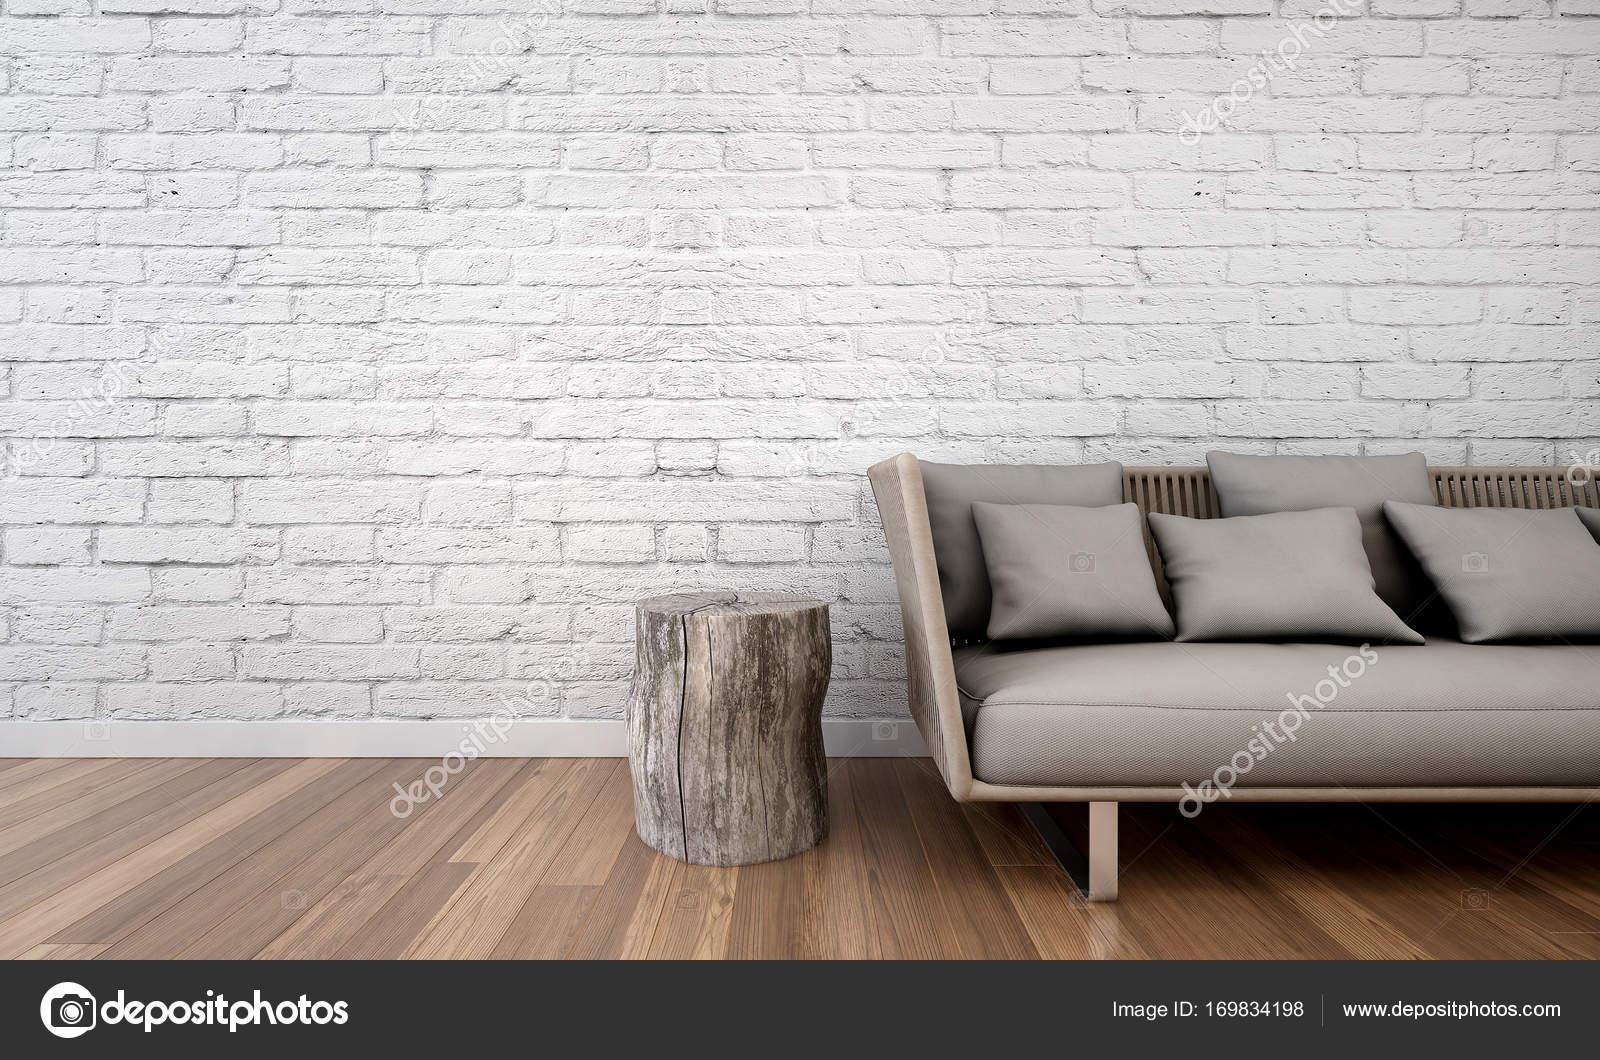 Die innenausstattung des minimalen wohnzimmer und wei e ziegel wand hintergrund stockfoto - Innenausstattung wohnzimmer ...